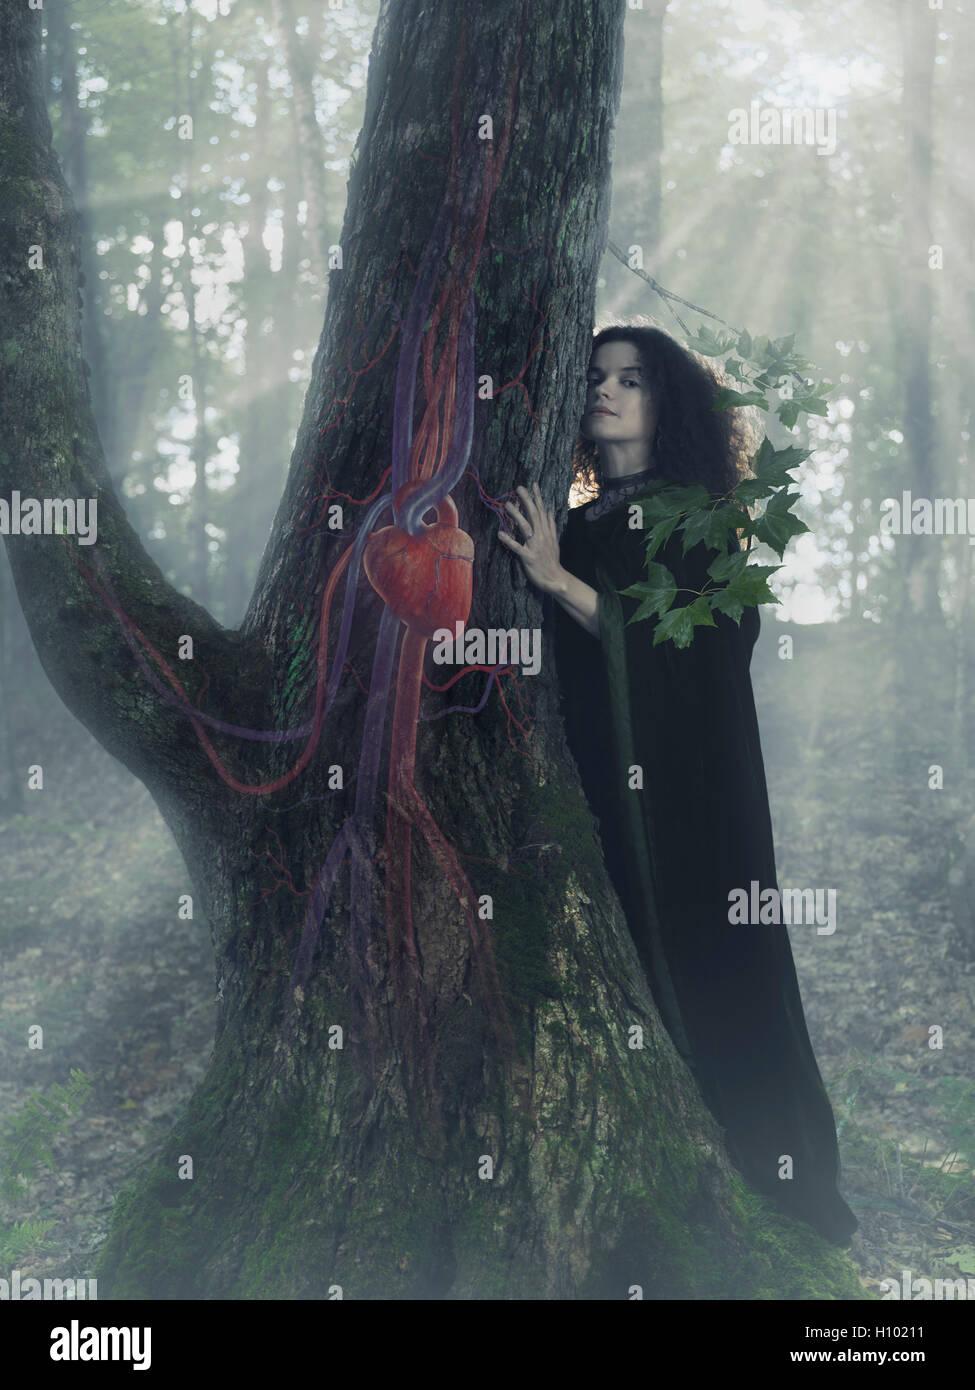 Frau Druide im Wald hören den Herzschlag eines Baumes, künstlerische konzeptionelle Foto Illustration. Stockbild